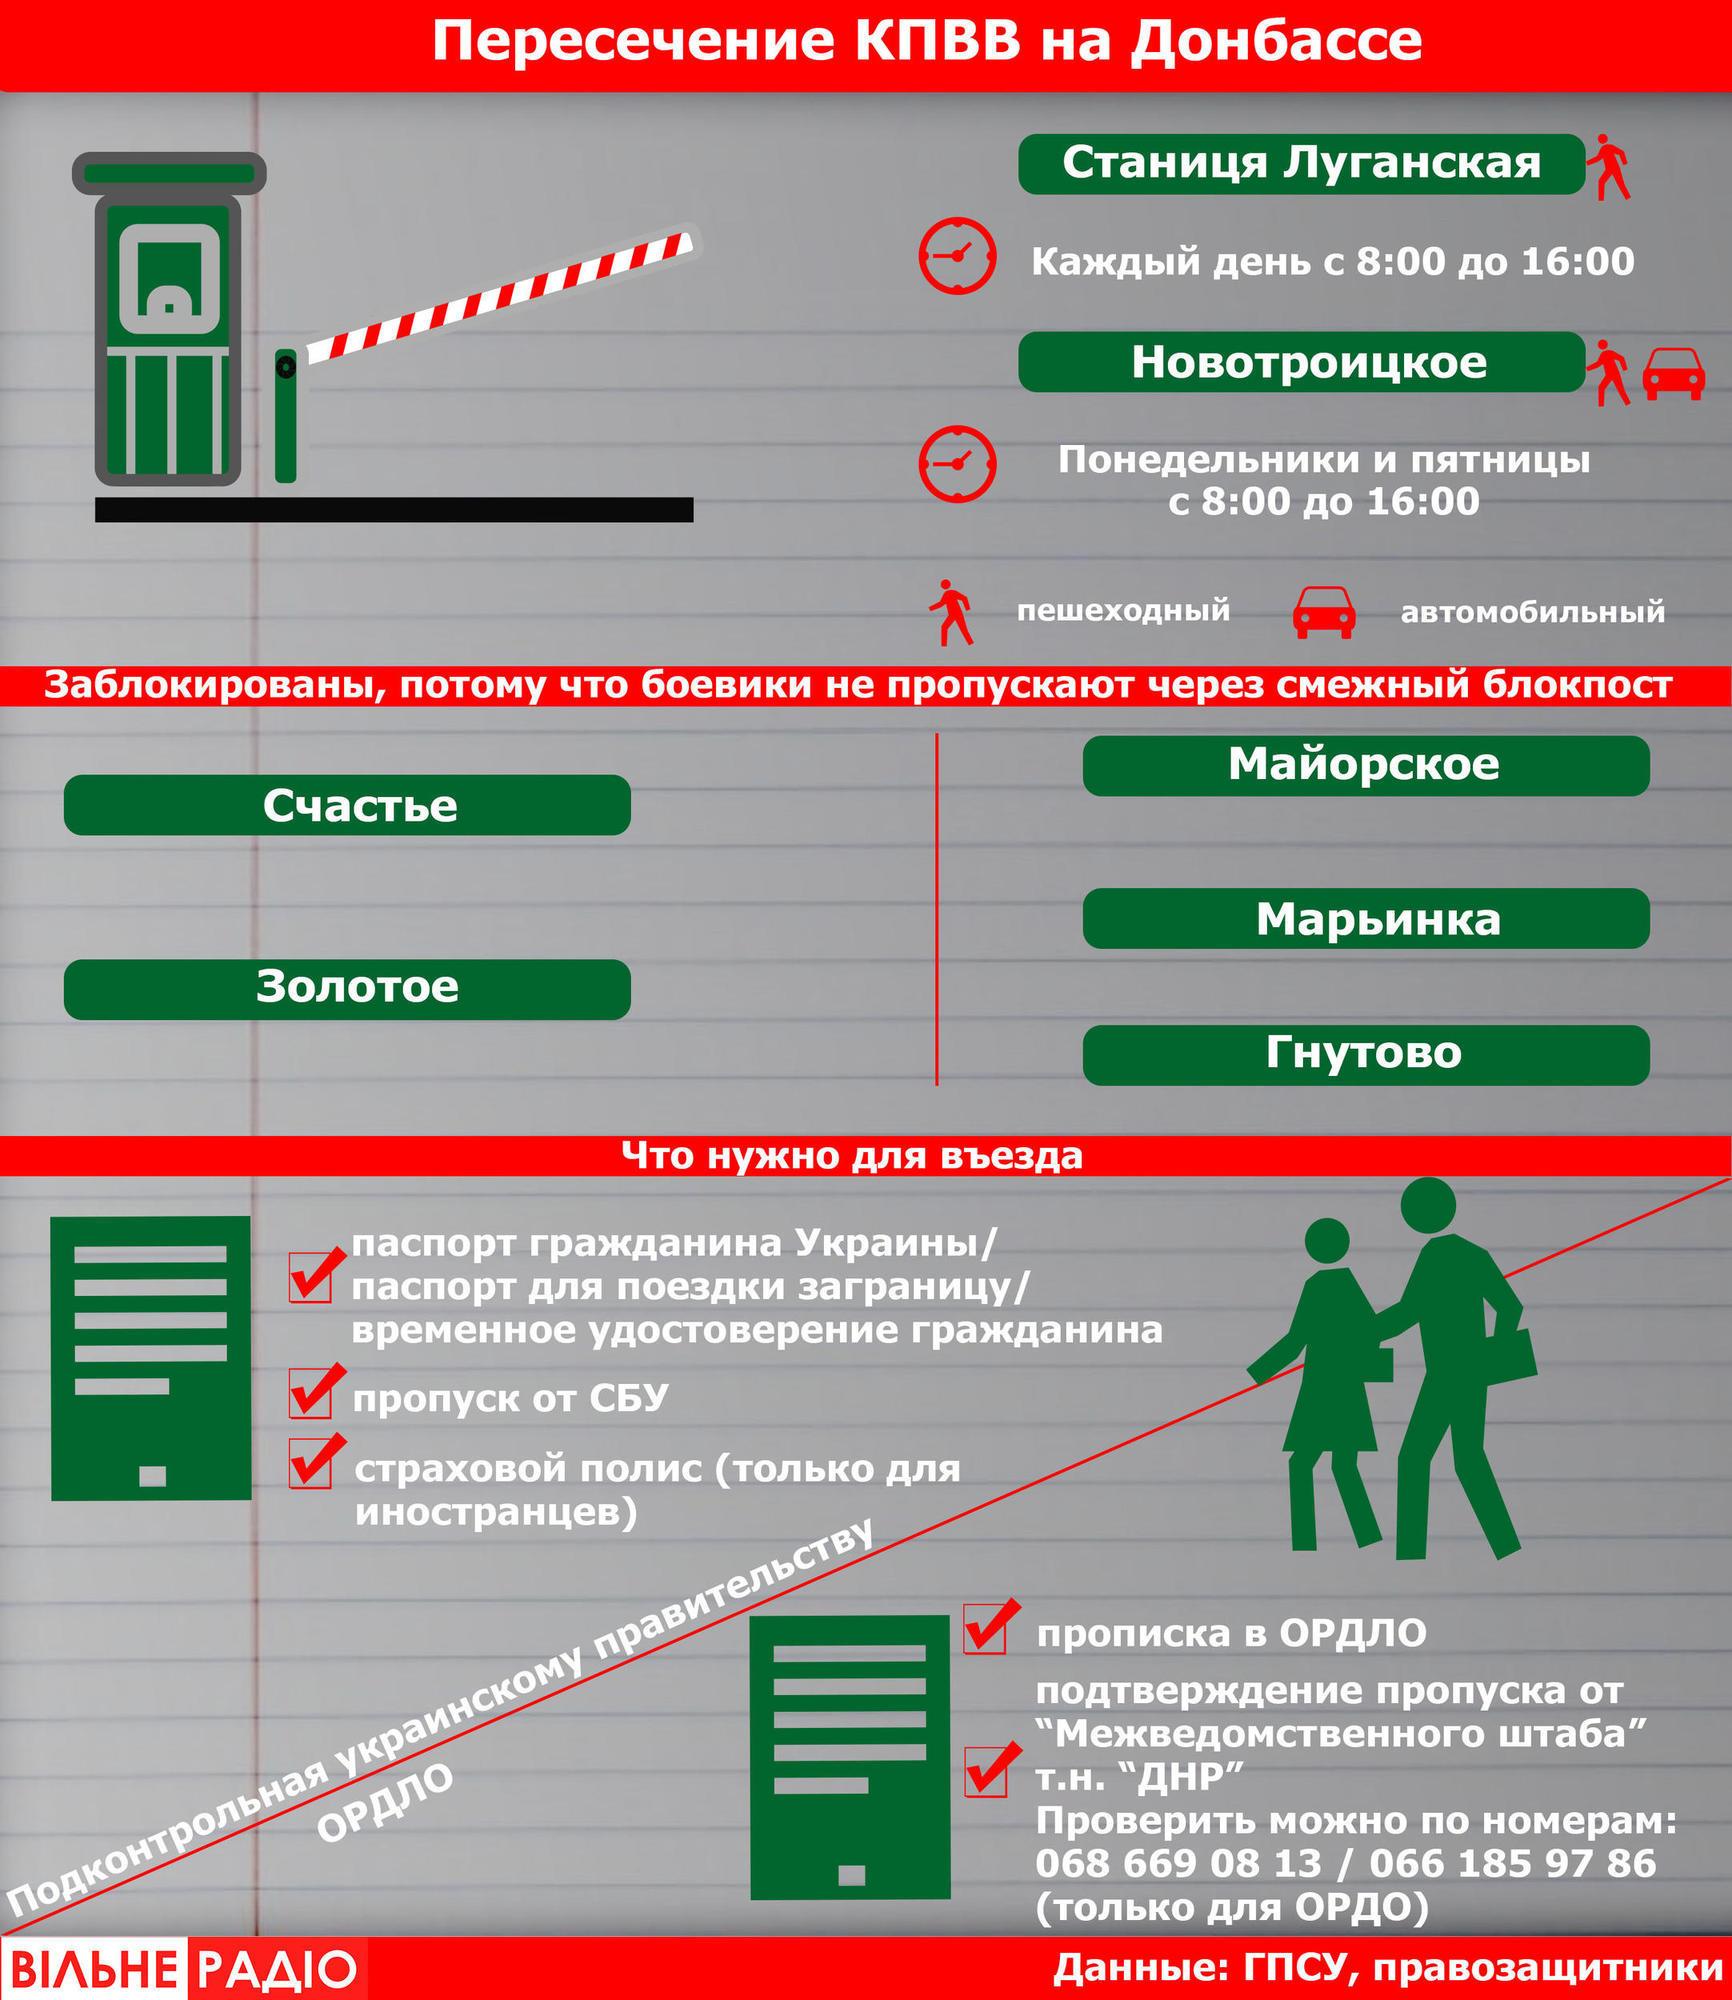 Правила и условия пересечения КПВВ на Донбассе